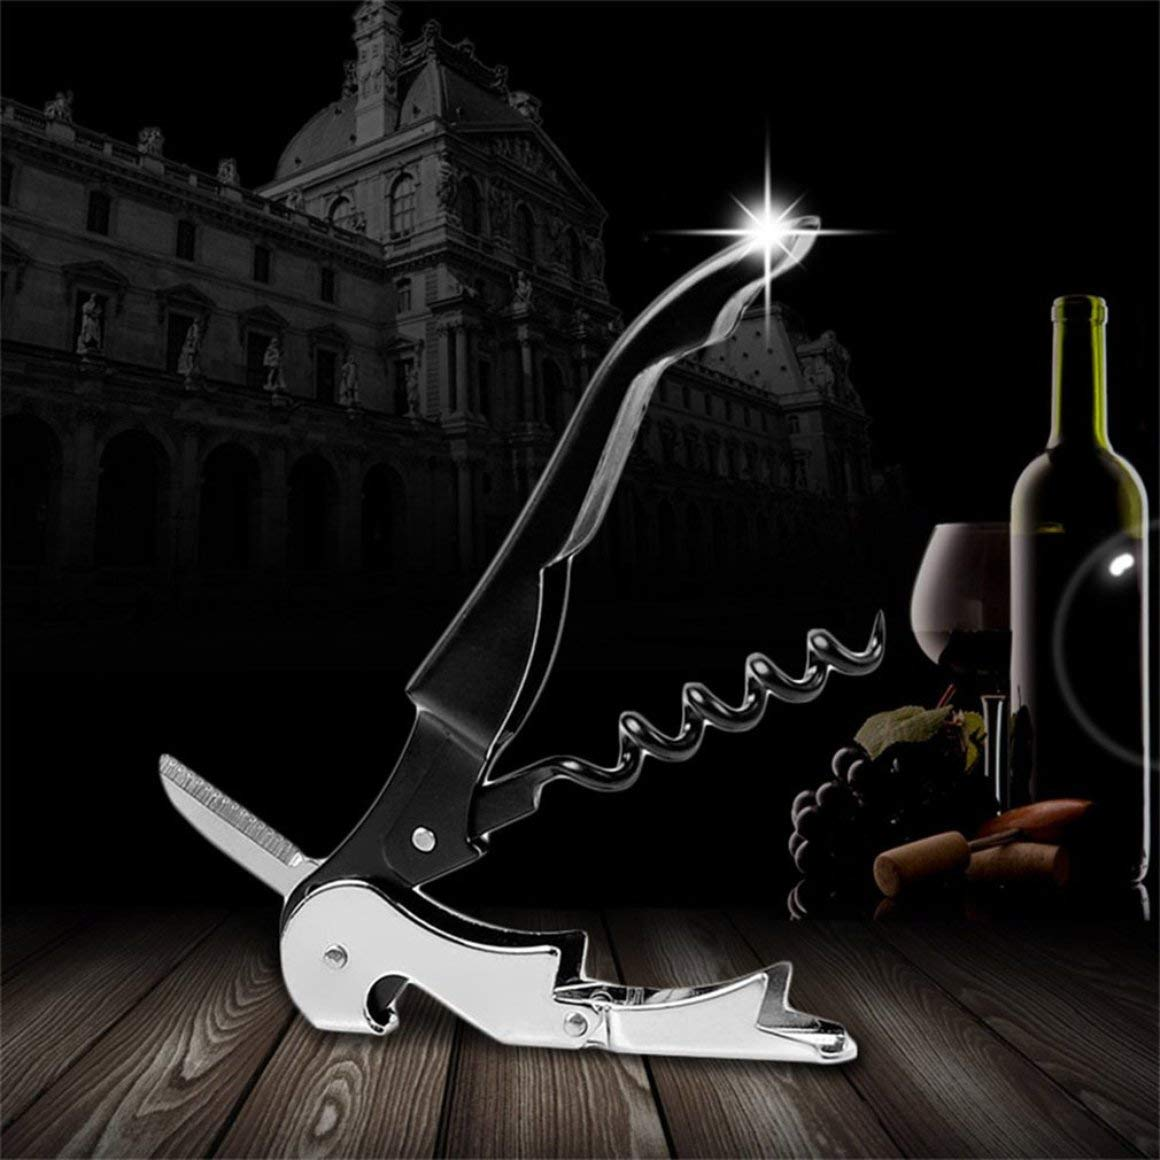 Funnyrunstore Professional Tire-Bouchon en Acier Inoxydable avec Tire-Bouchon Ouvre-Bouchon de Bouteille de vin Multifonction avec poign/ée en Plastique Noir